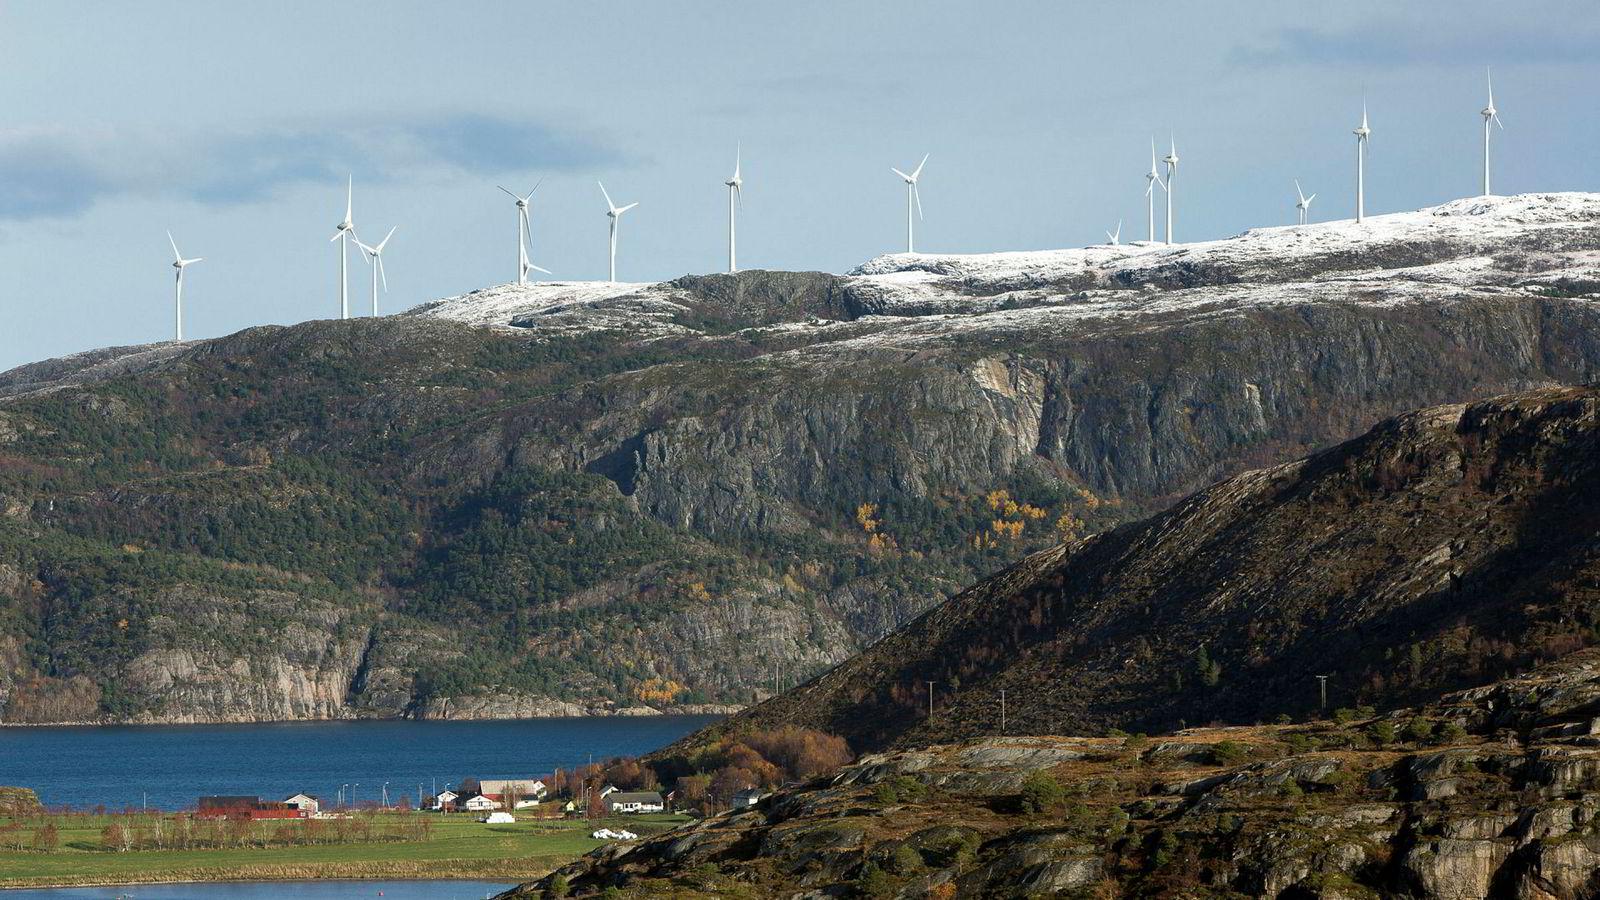 Bessakerfjellet vindmøllepark i Roan i Trøndelag får mye mindre tilskudd fra forbrukerne enn beregnet. Samtidig ble utbyggingen billigere.